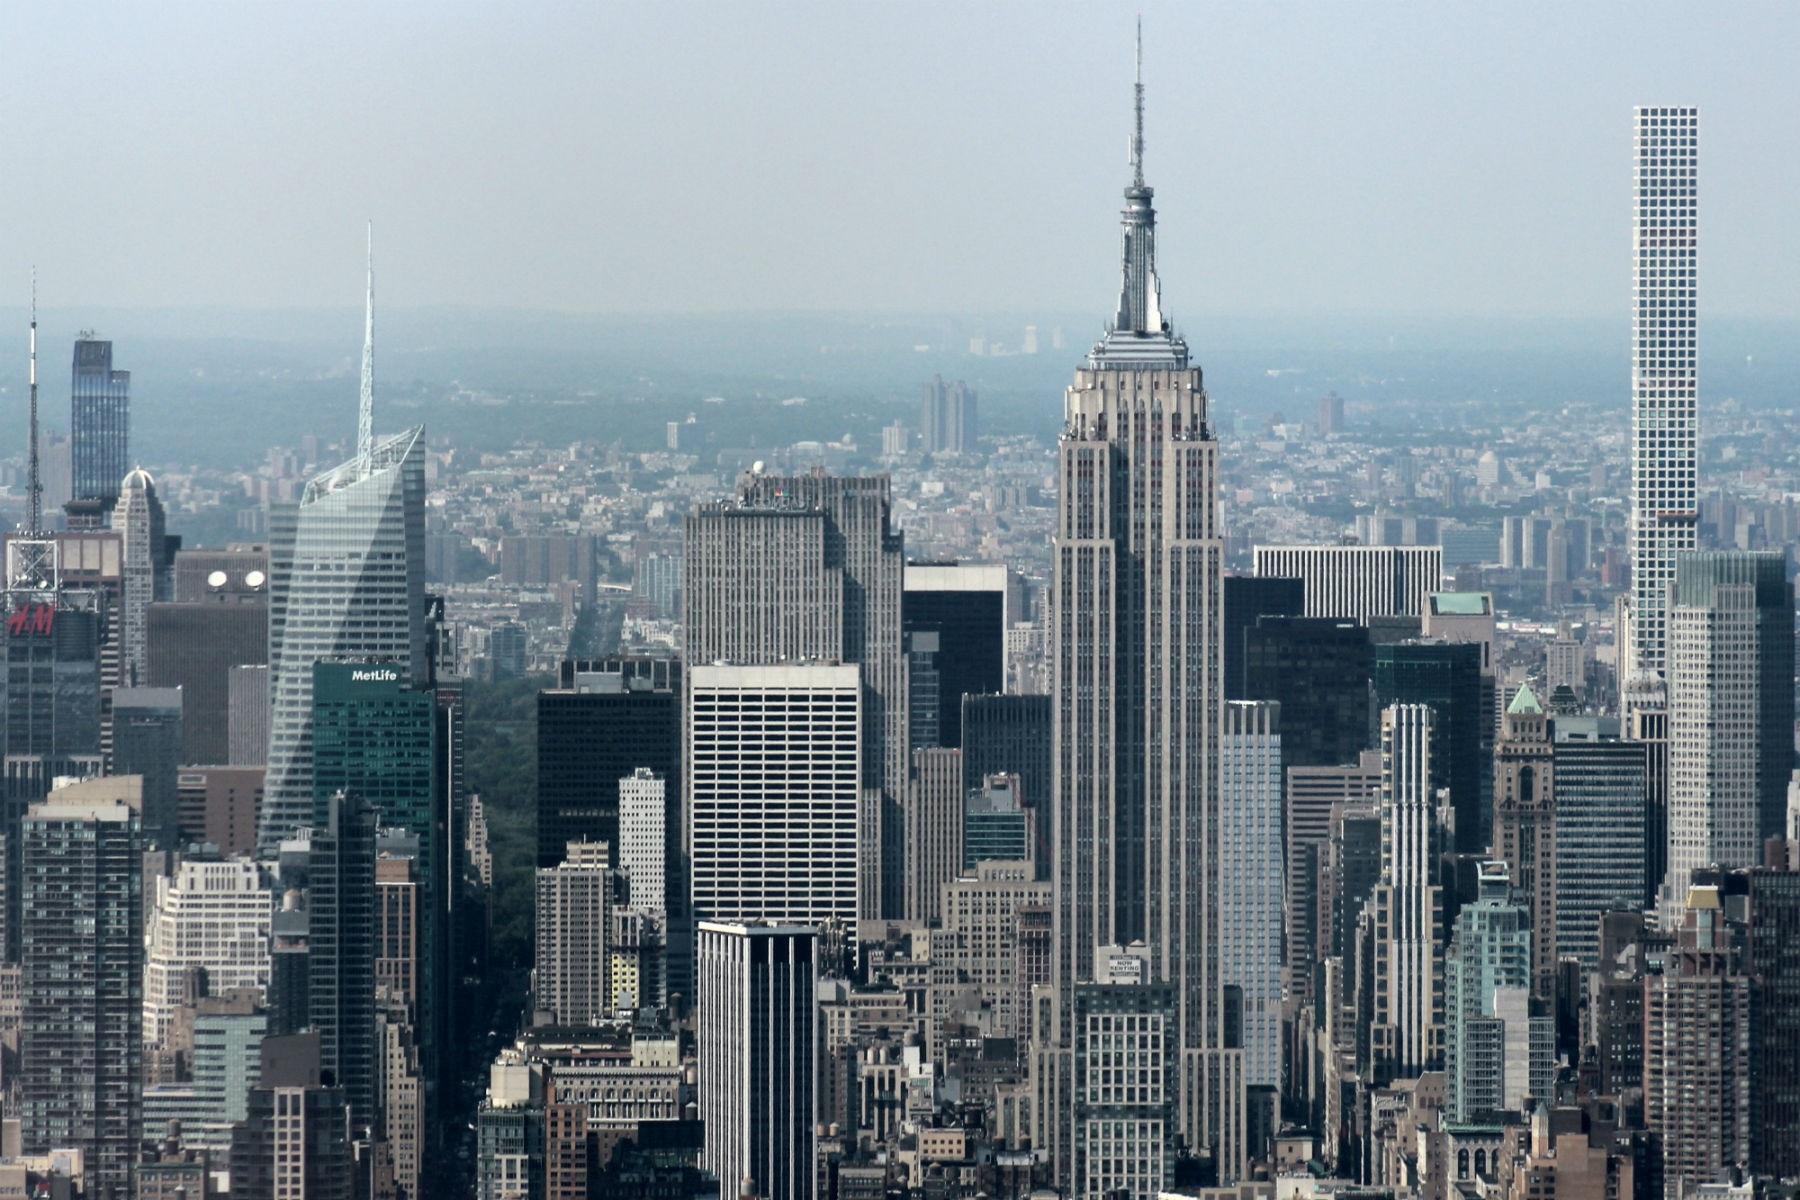 Panorama do centro de Manhattan, com o Empire State, a partir do One World Observatory, no sul da ilha. Foto de Carla Lencastre